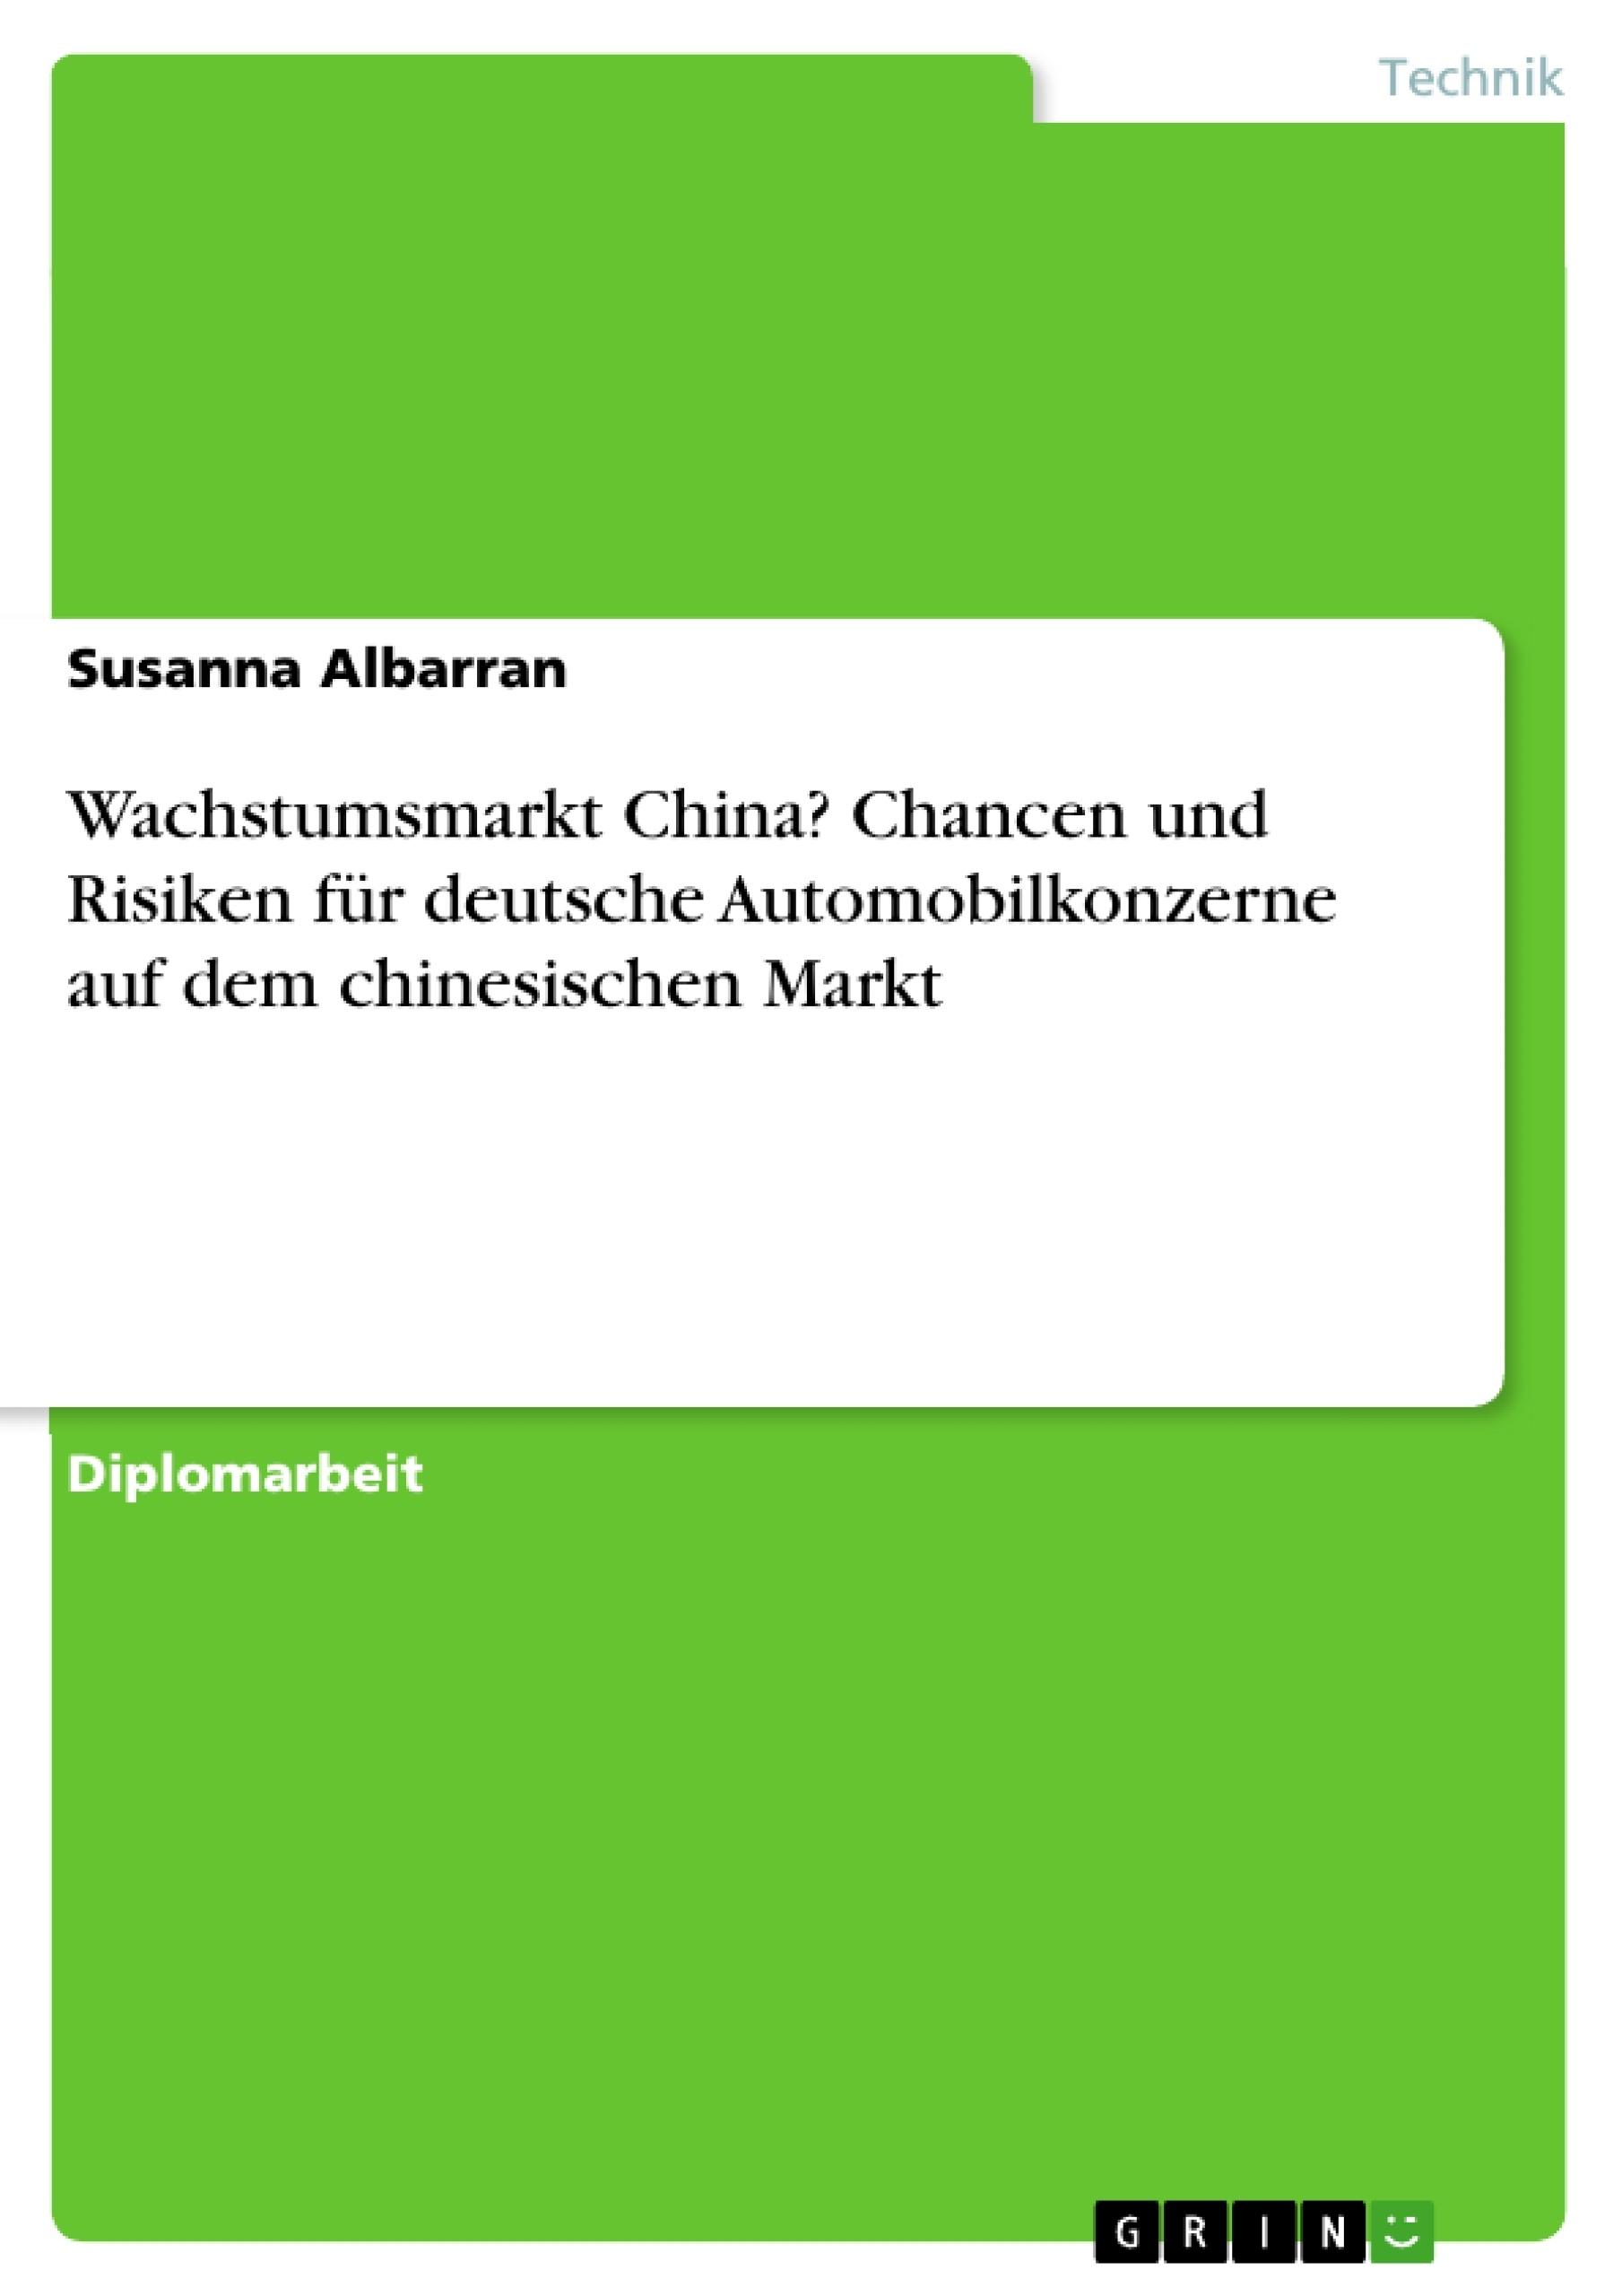 Titel: Wachstumsmarkt China? Chancen und Risiken für deutsche Automobilkonzerne auf dem chinesischen Markt